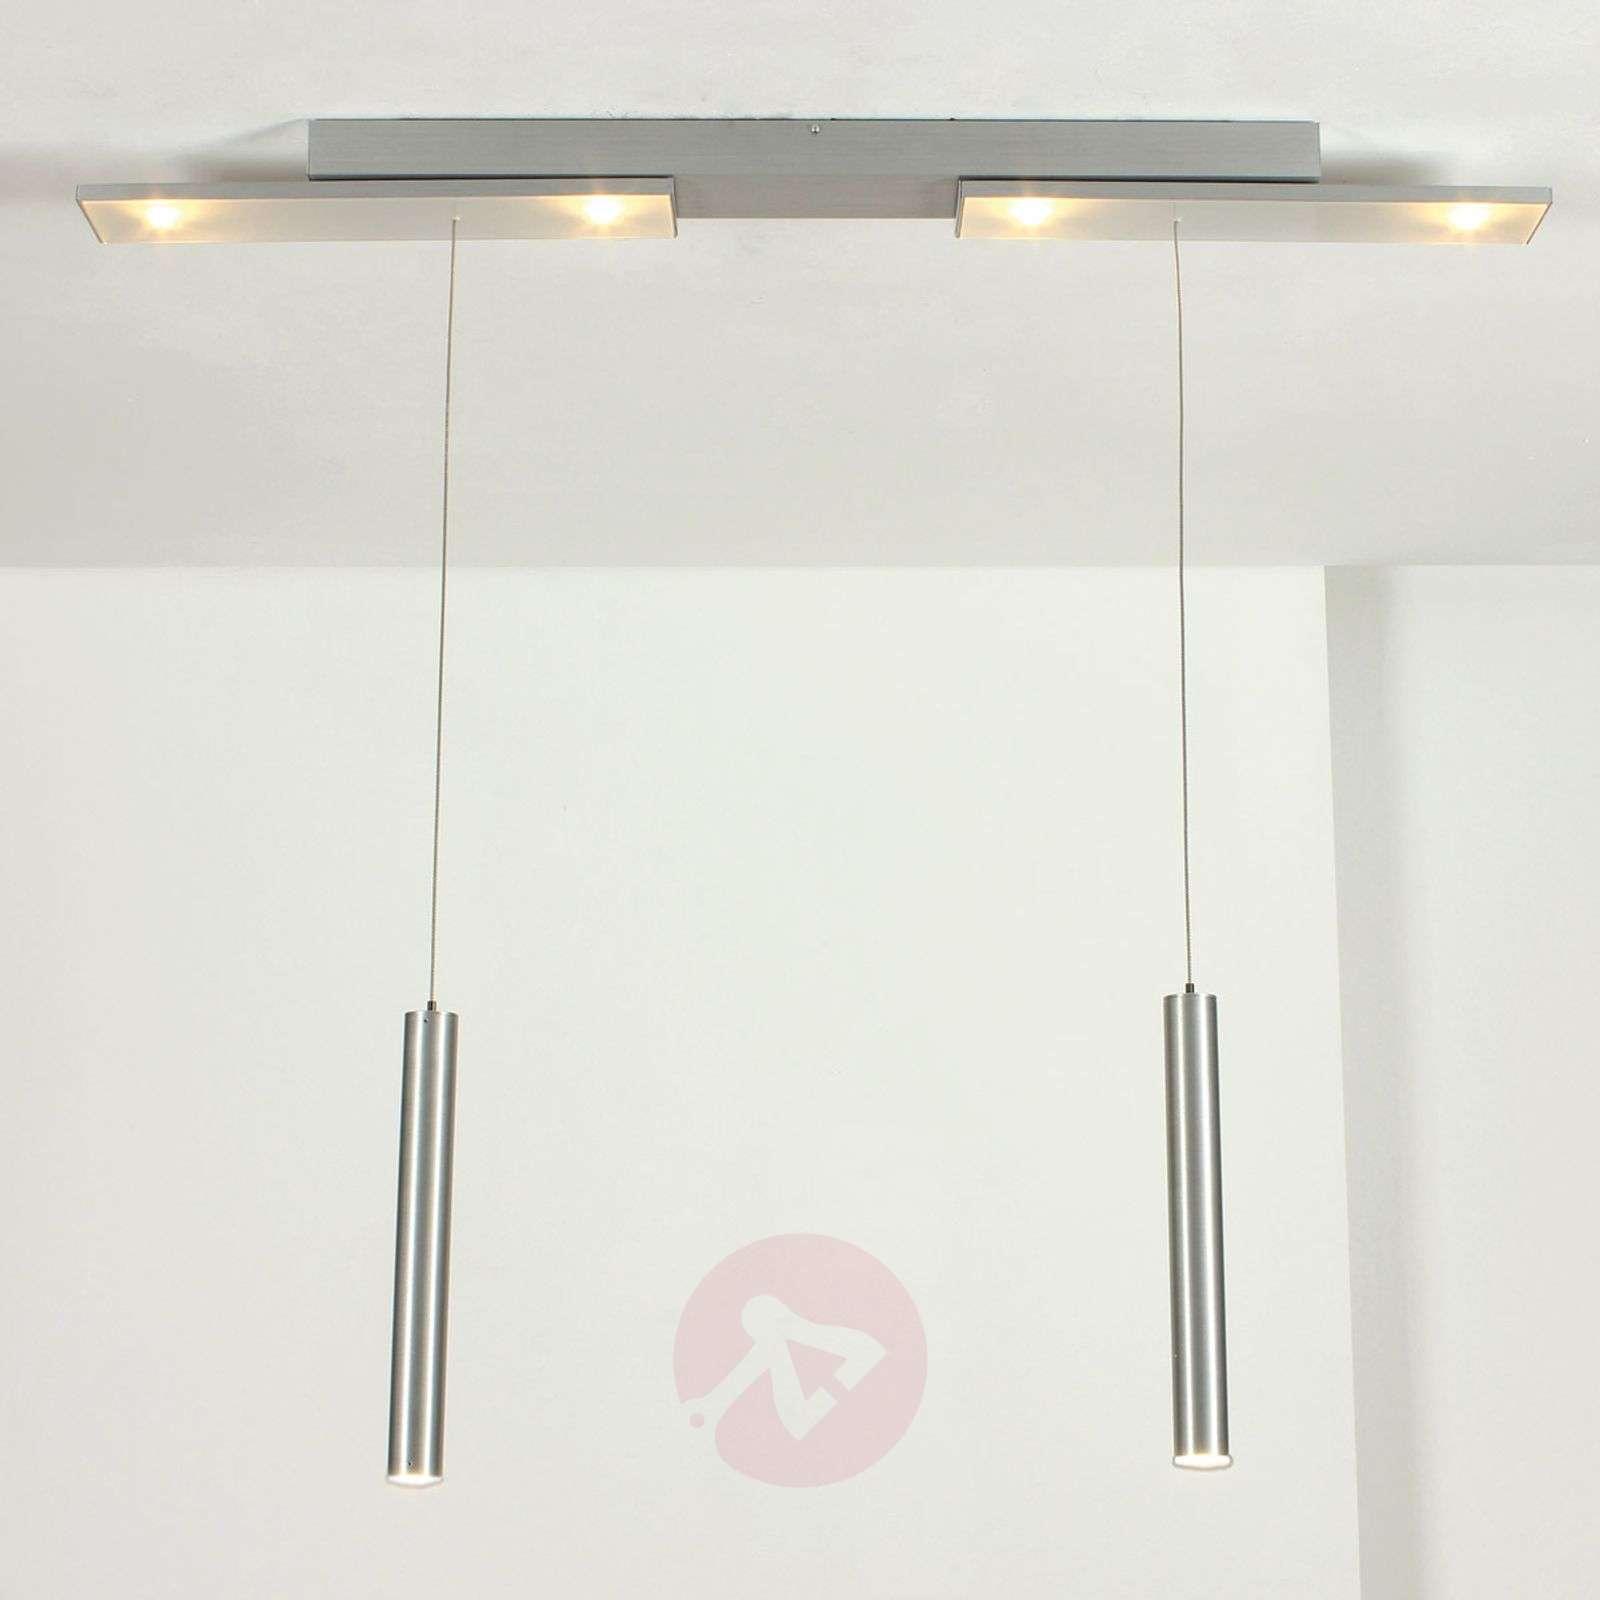 Ainutlaatuinen LED-riippuvalaisin Plus-1556138-01